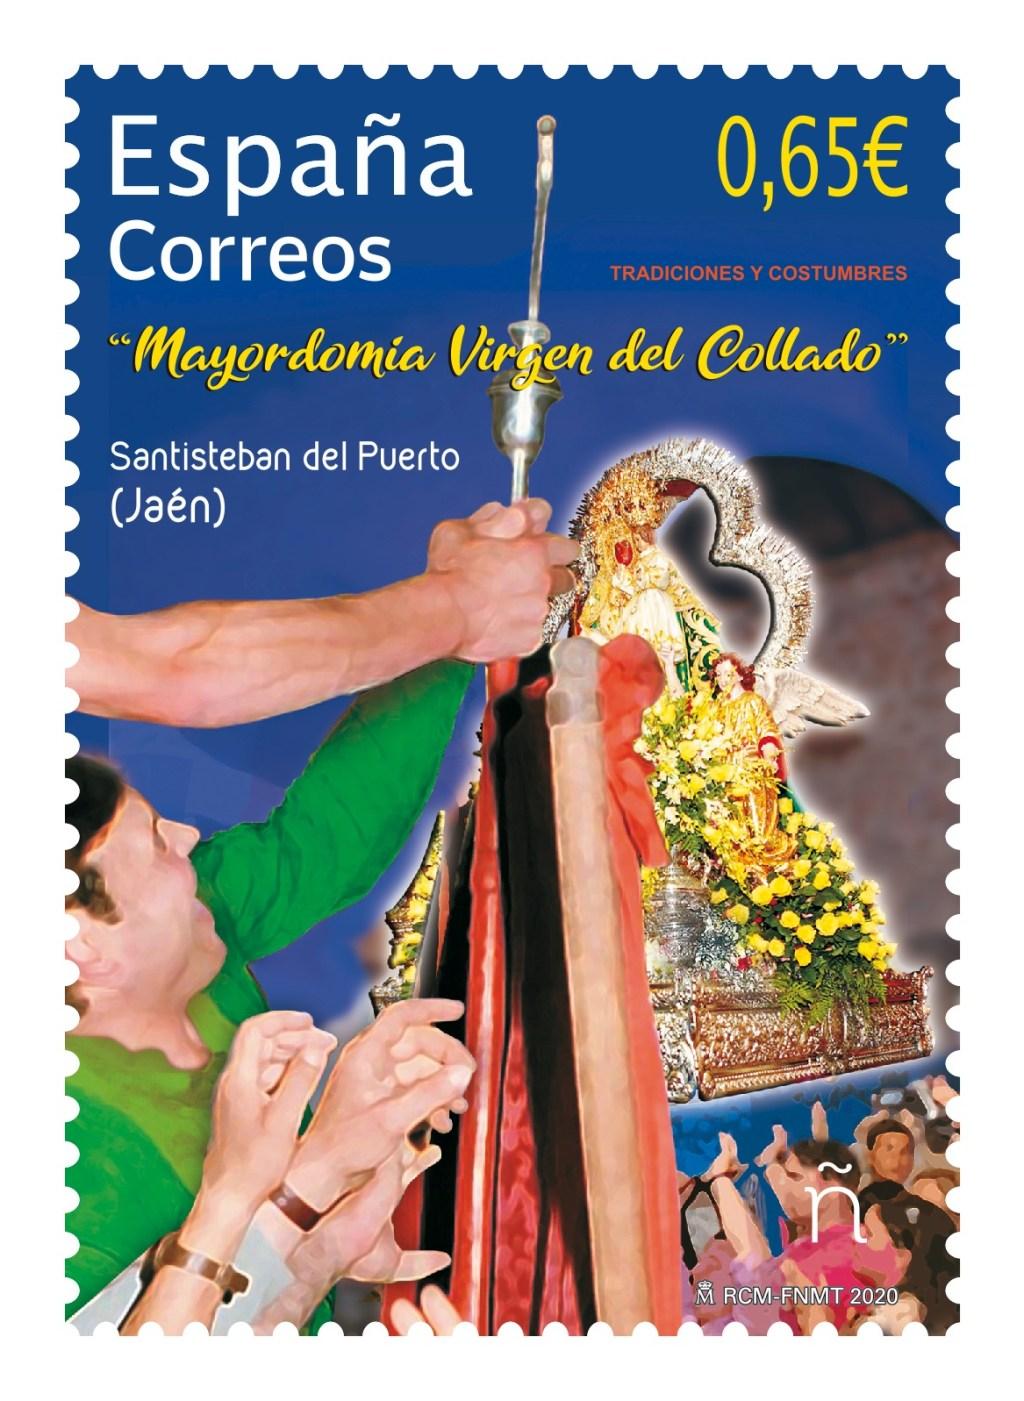 Sello Tradiciones y costumbres. Mayordomía Virgen del Collado - Emisión 15 de junio de 2020.